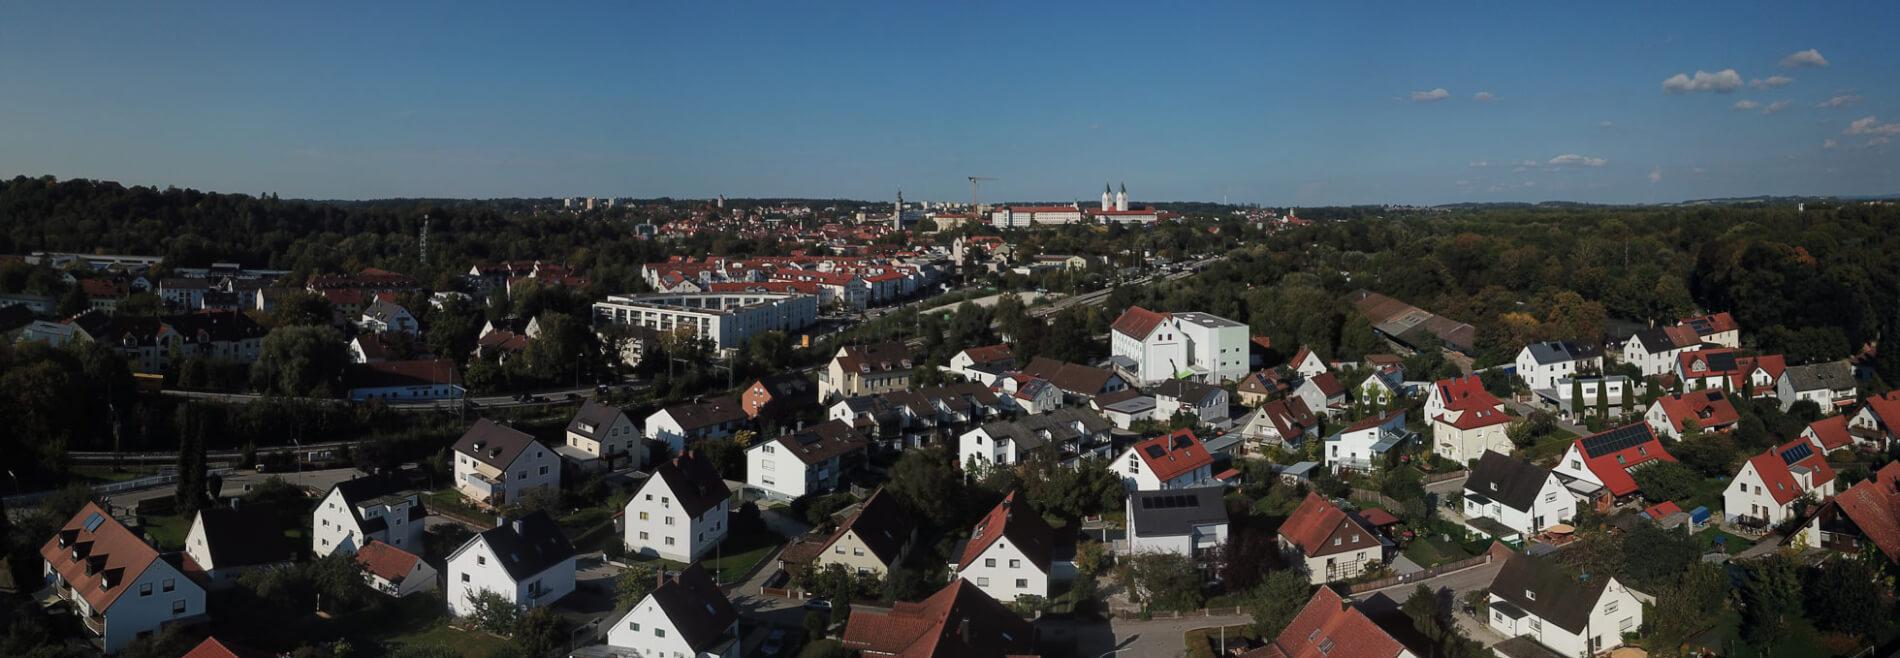 Drohnenfoto: Panorama - Luftaufnahmen fur eine eindrucksvolle Wirkung von oben!